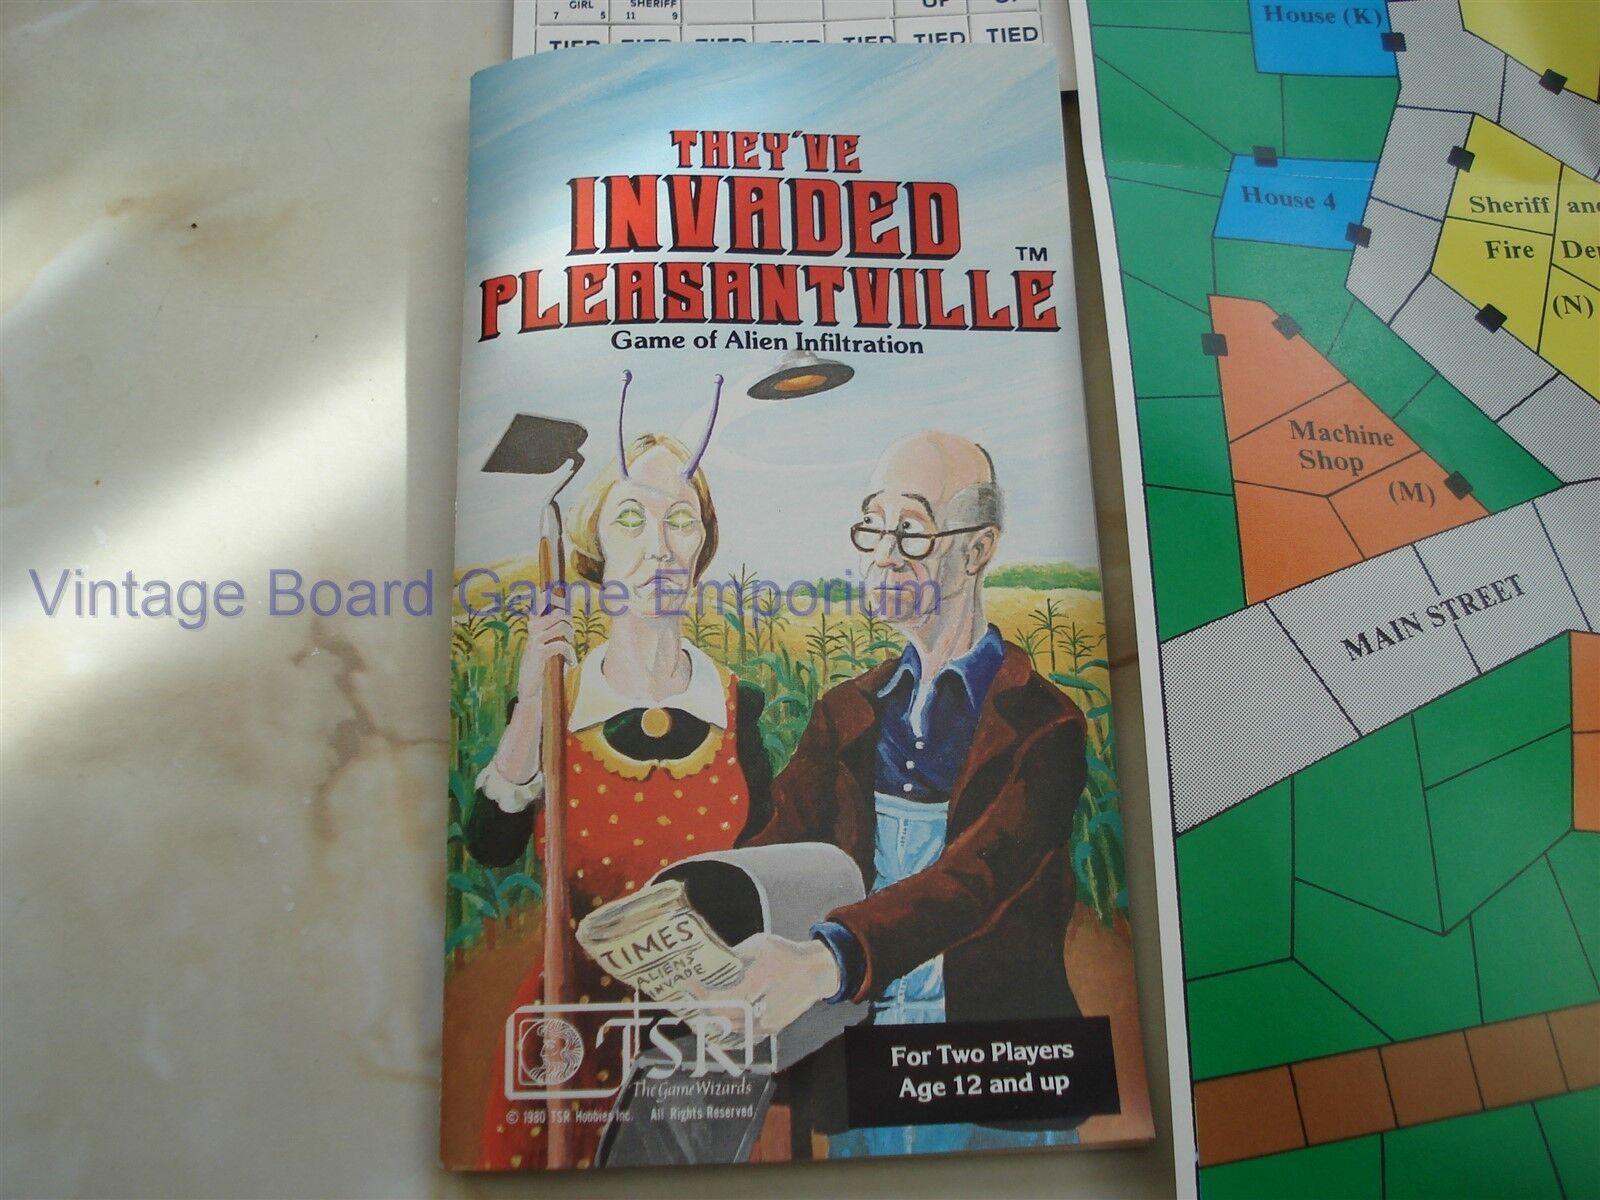 Essi hanno  invaso Pleasantville gioco-TSR - 1981-integro-Alieno infiltrazione  risparmia fino al 30-50% di sconto